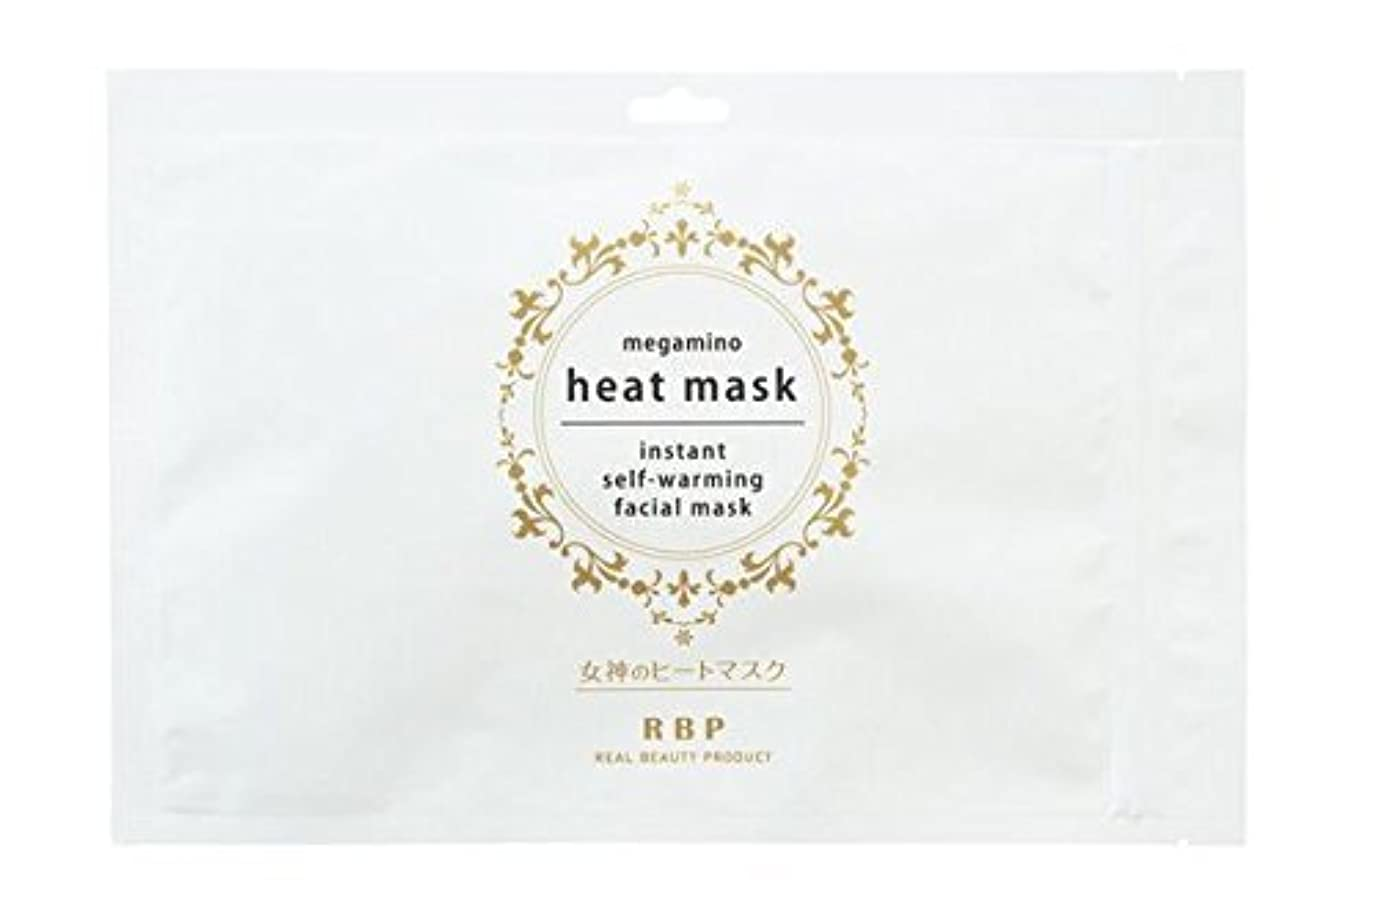 デモンストレーション彼手がかりmegamino heat mask (メガミノヒートマスク) 46℃ ホットマスク 温活